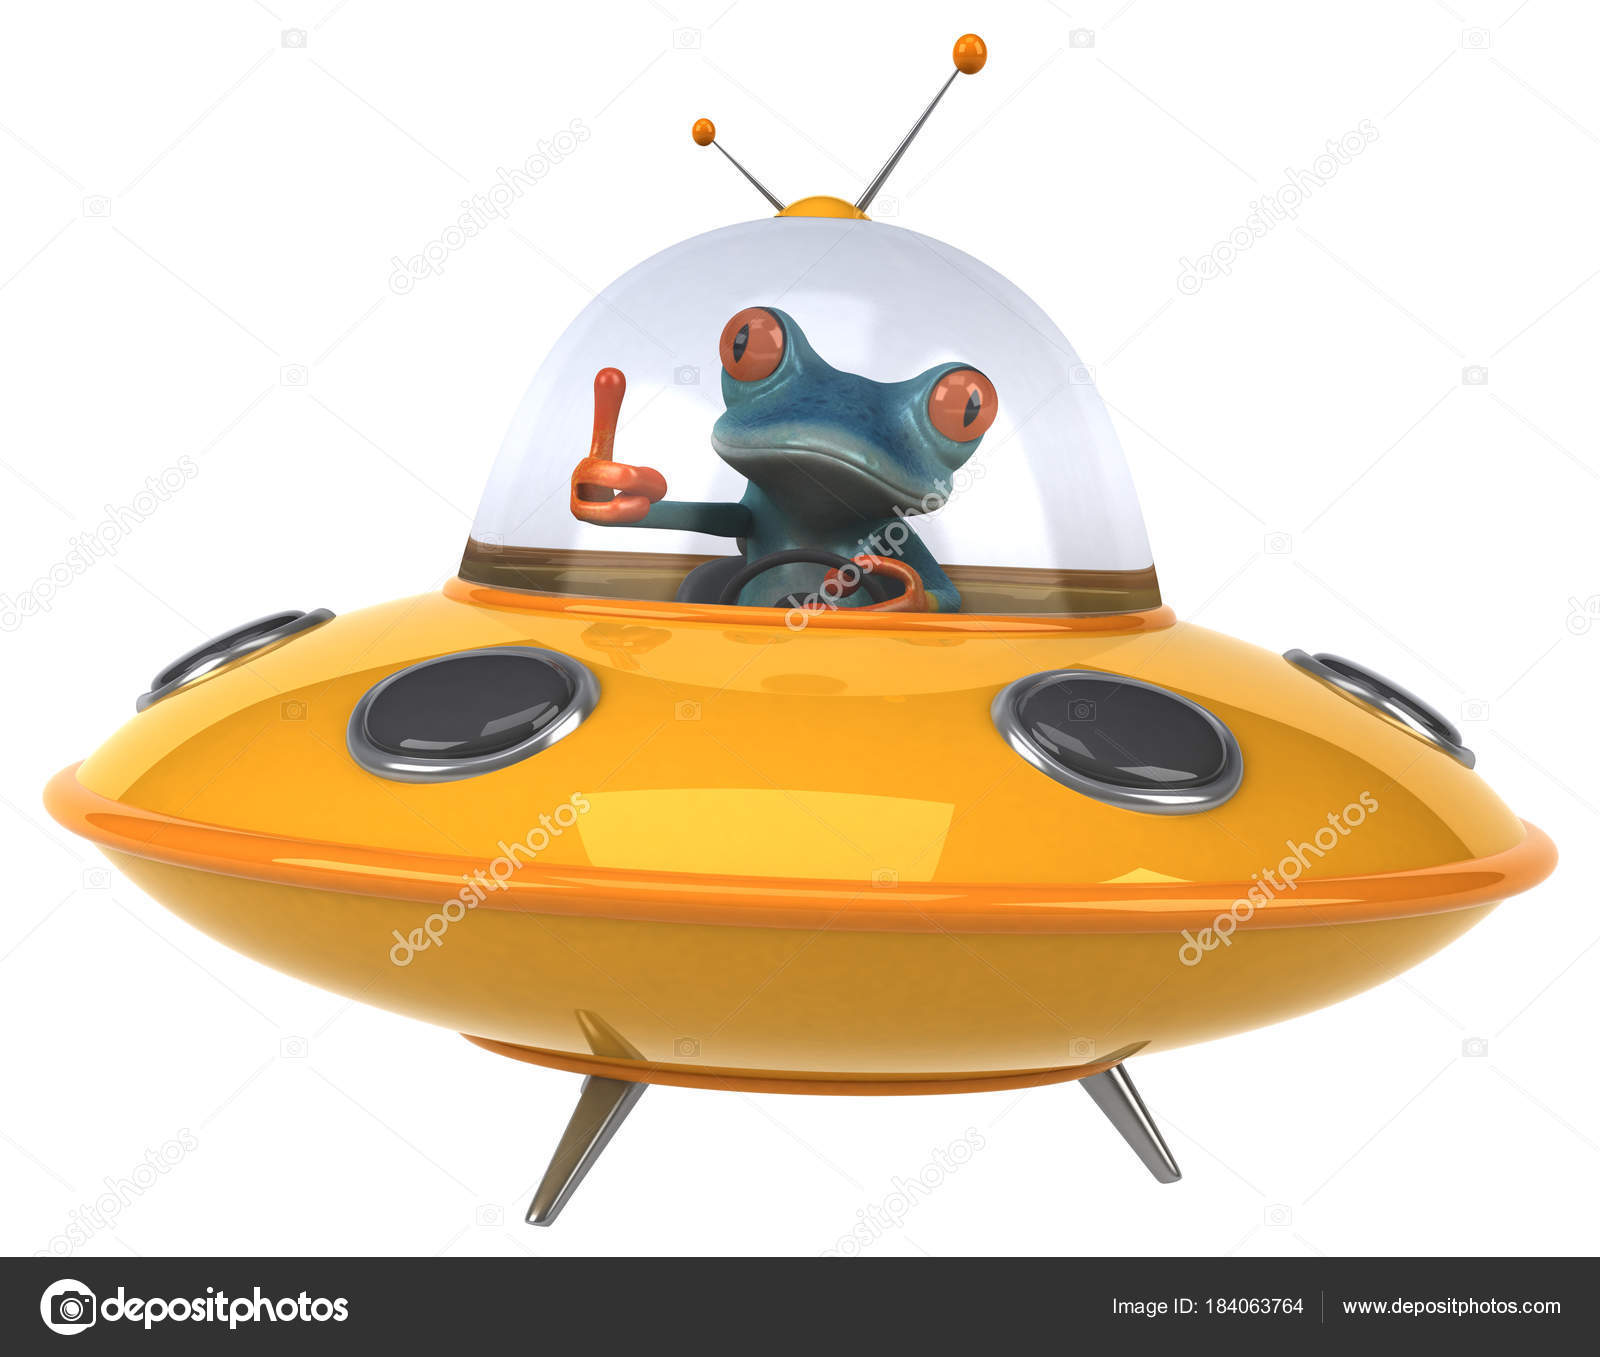 宇宙船 イラストで楽しいカエル ストック写真 Julos 184063764